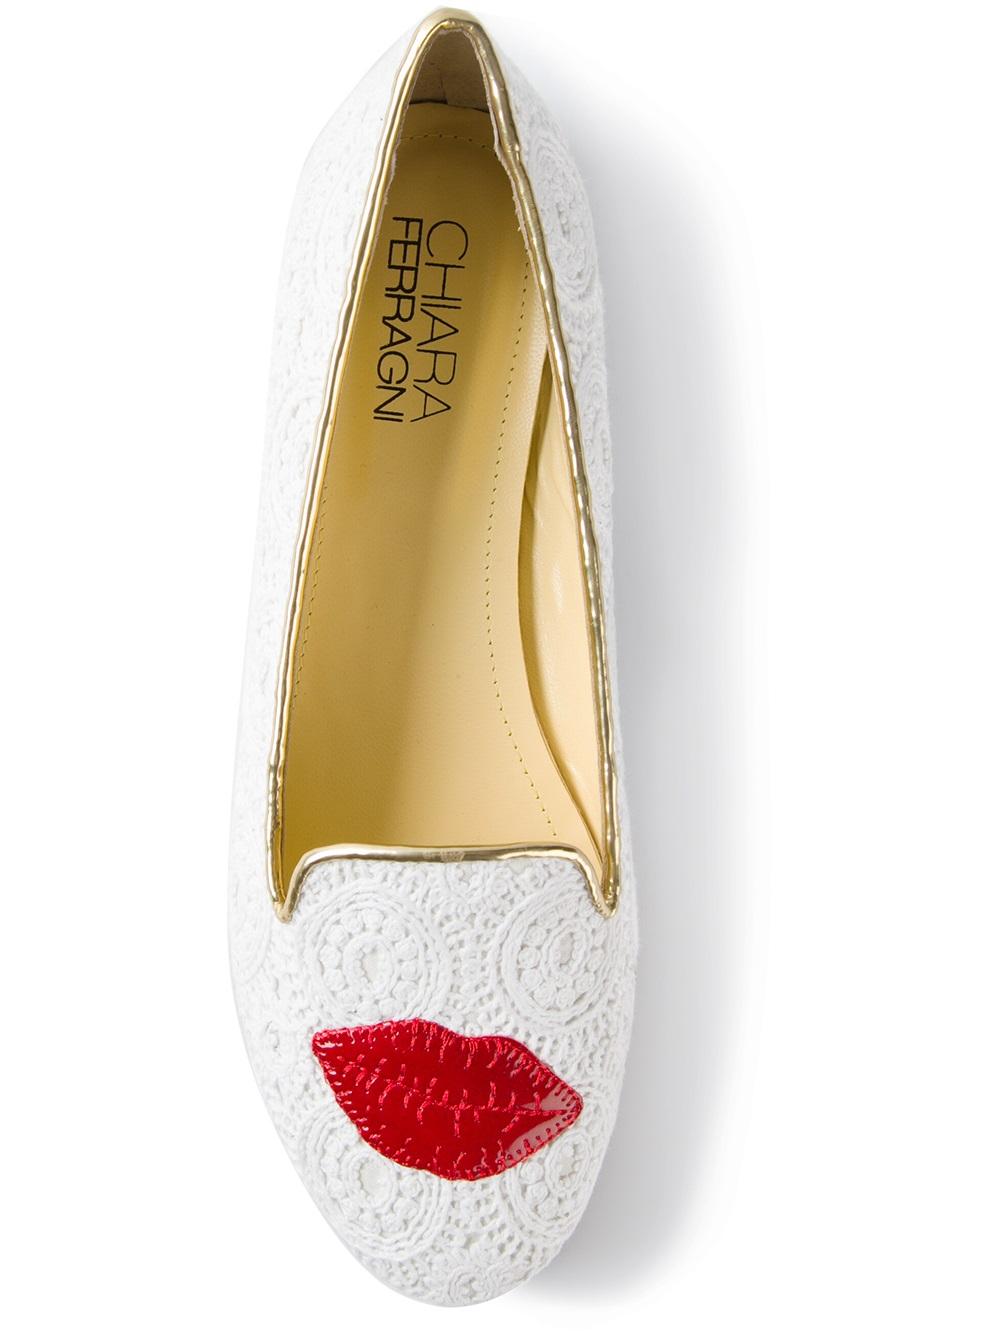 958e2a82a12 Chiara Ferragni Lipstick Loafers in White - Lyst